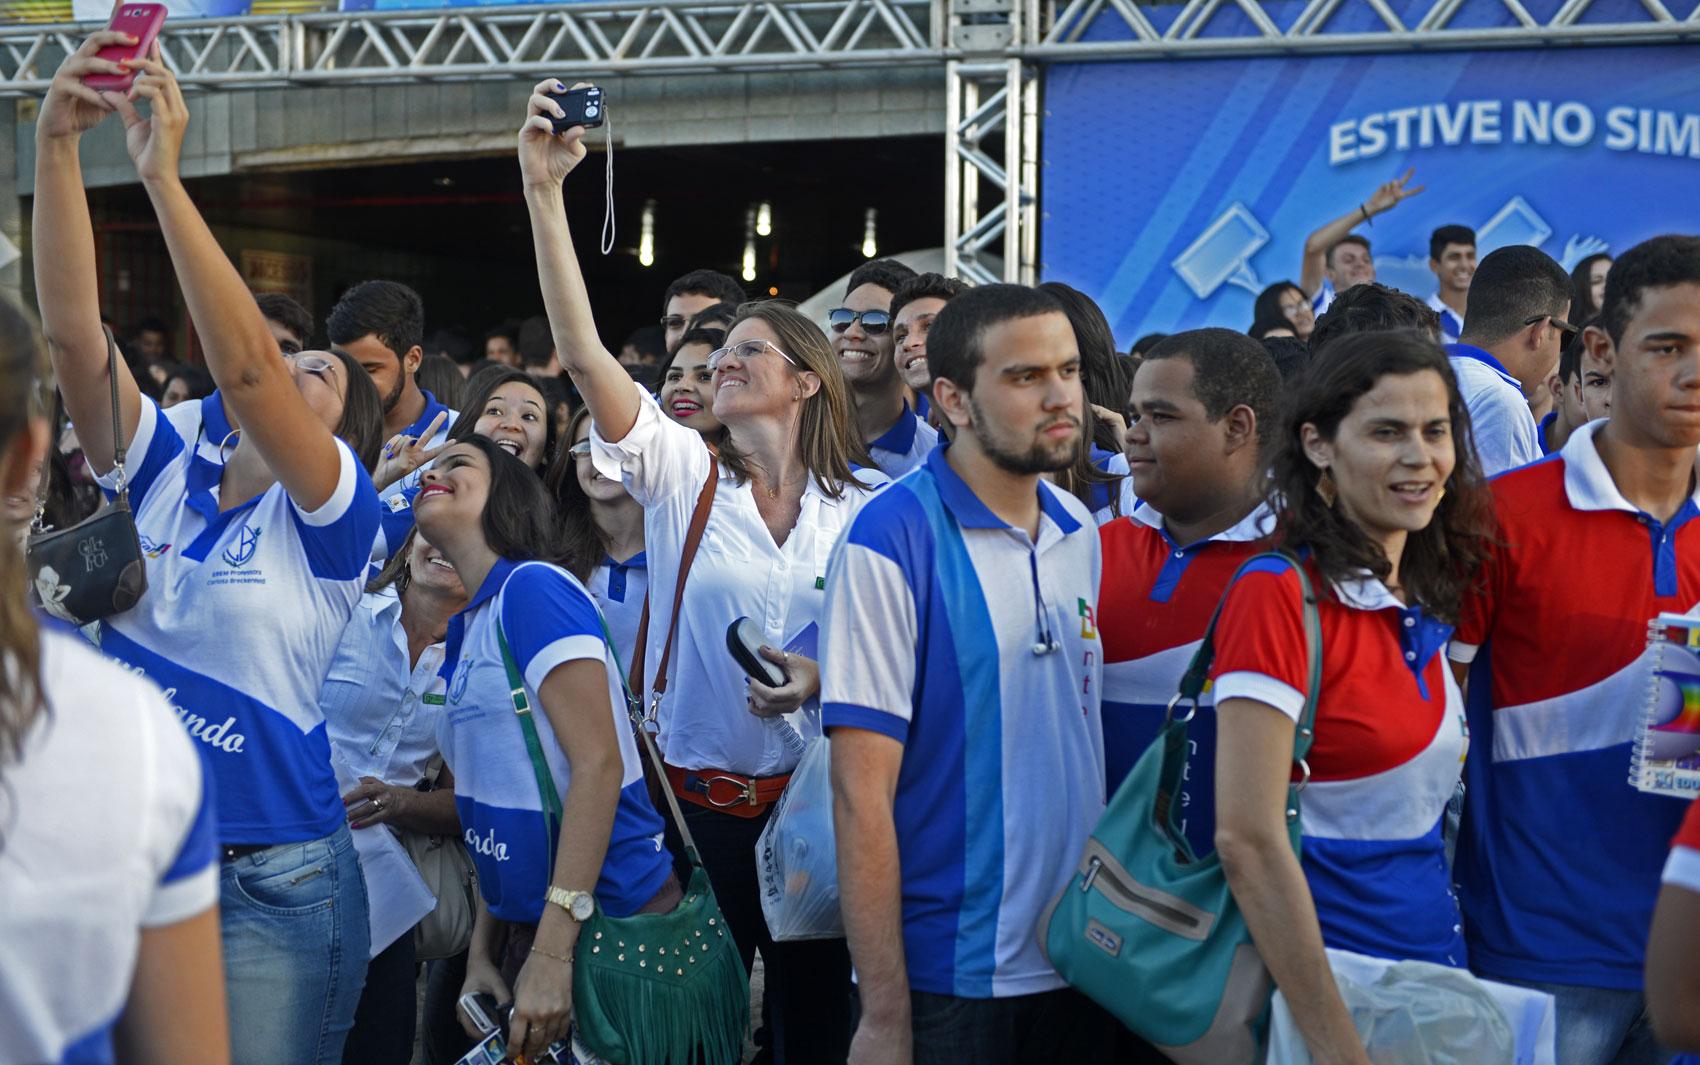 Estudantes fazem selfie na saída do aulão do Projeto Educação